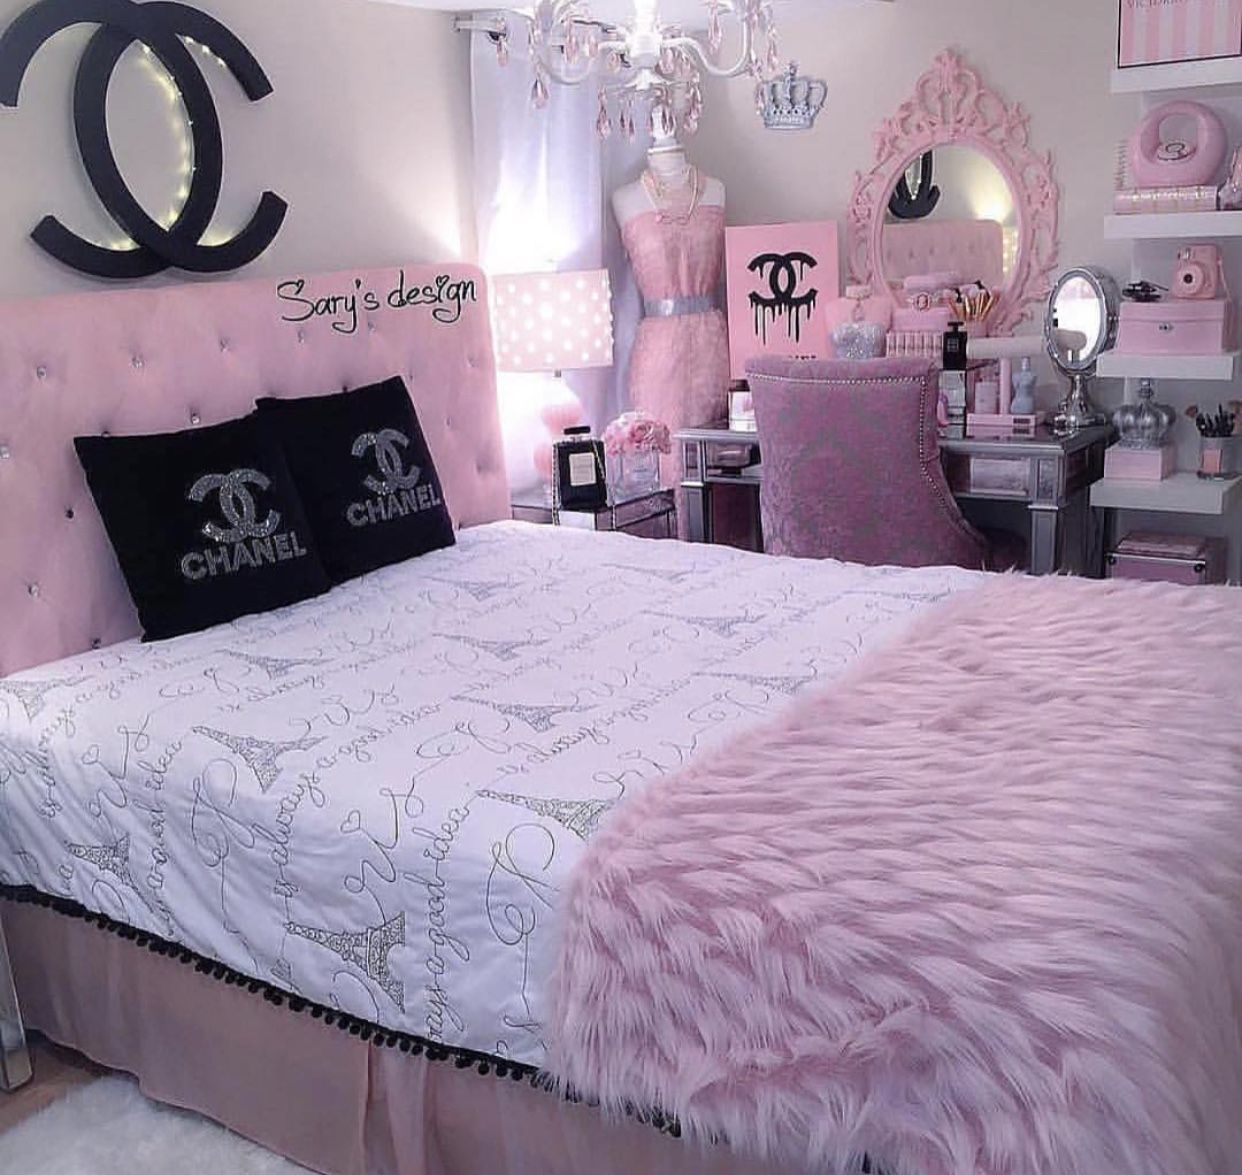 Paris Channel Bedroom Girl Bedroom Decor Girl Bedroom Designs Bedroom Design